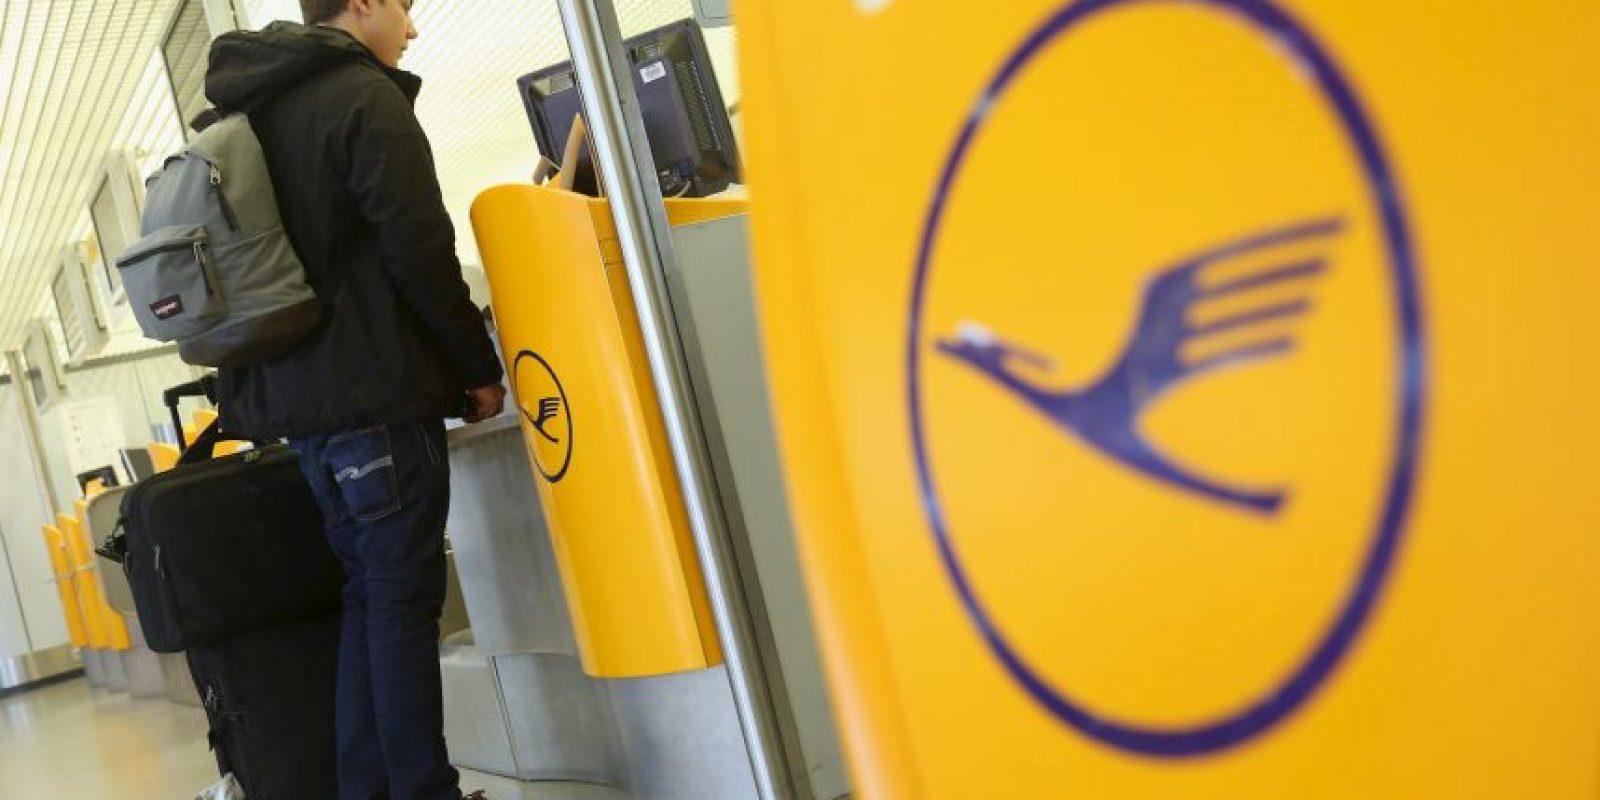 Lufthansa es la aerolínea mas grande de Europa Foto:Getty Images